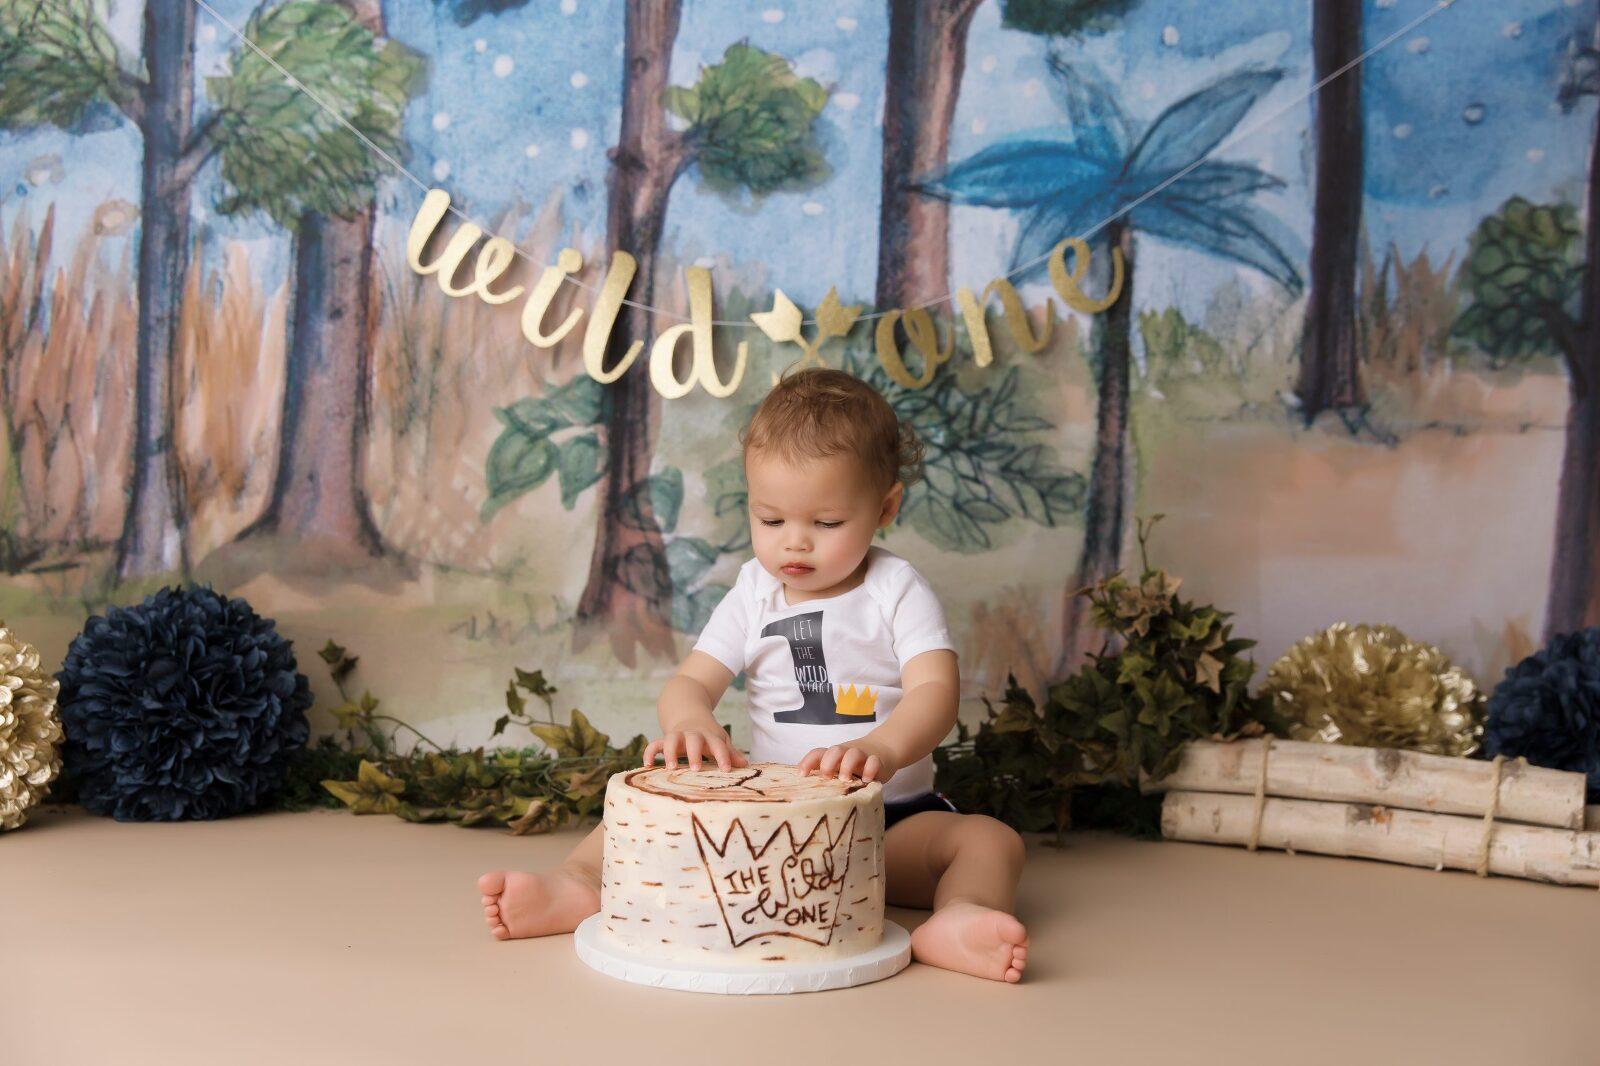 wild things, one, Colorado Springs, boy, cake smash